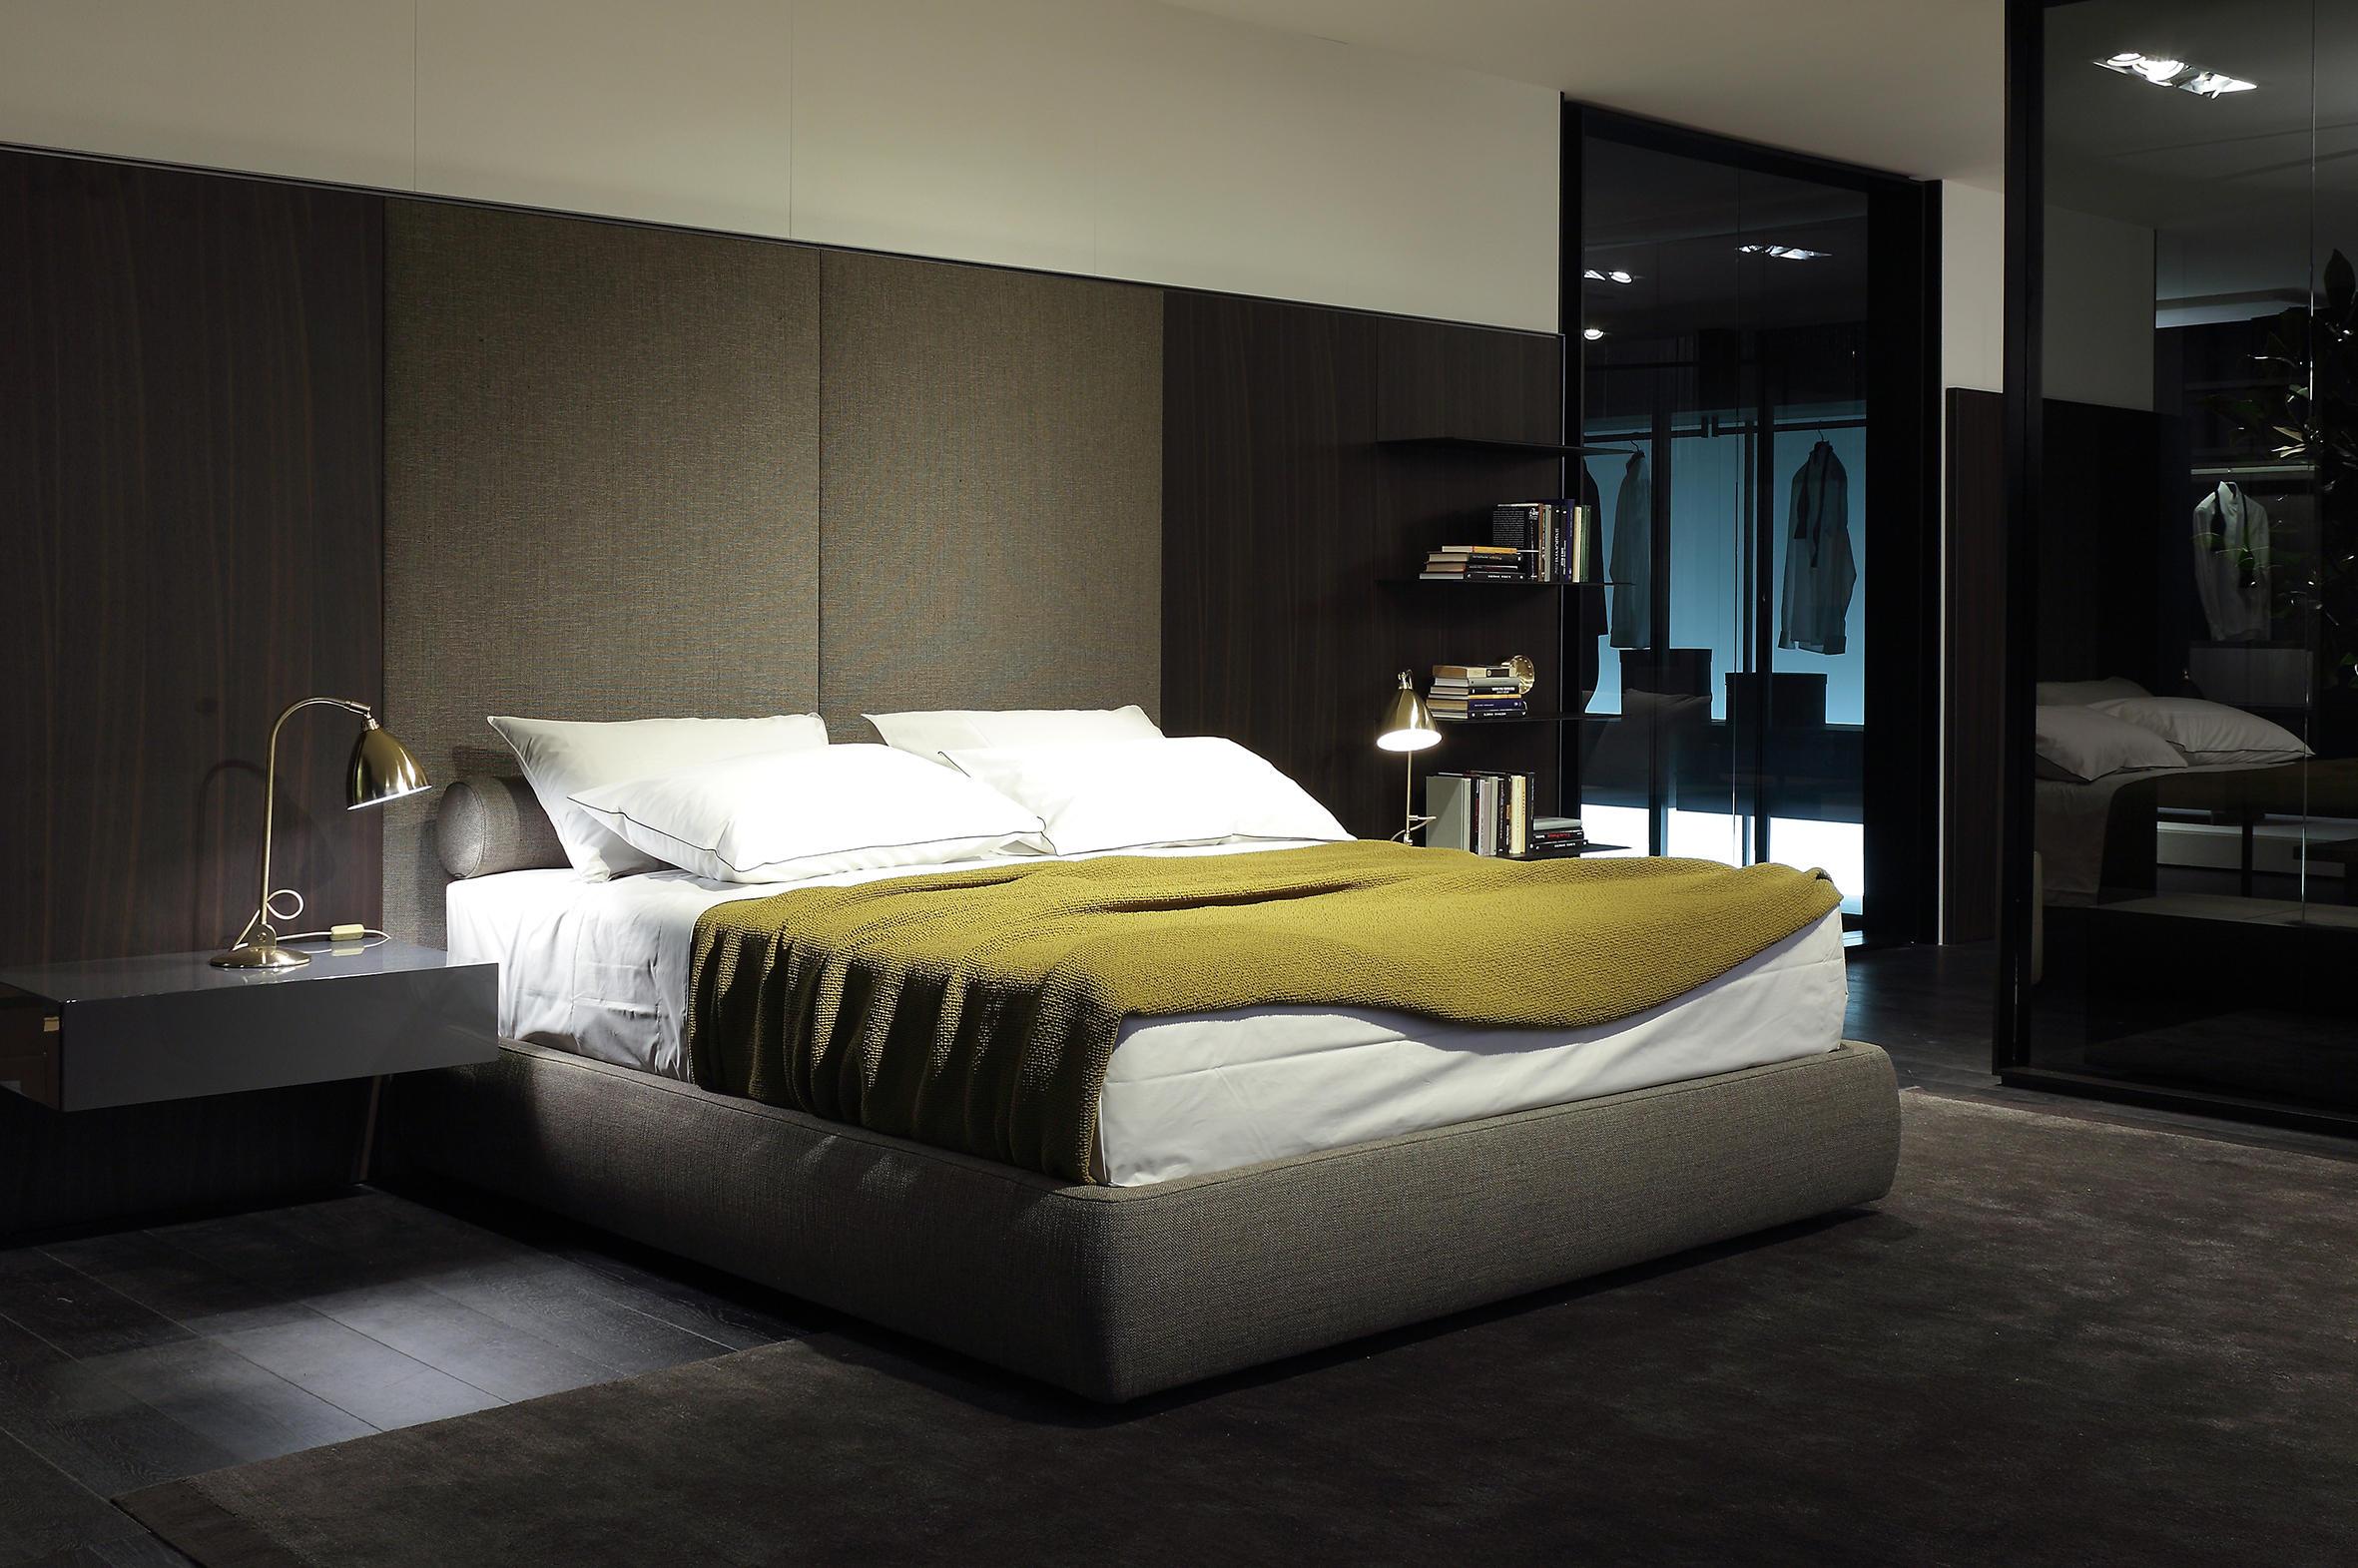 Le camere da letto poliform sono l'ambiente in cui. Laze Letto Letti Poliform Architonic